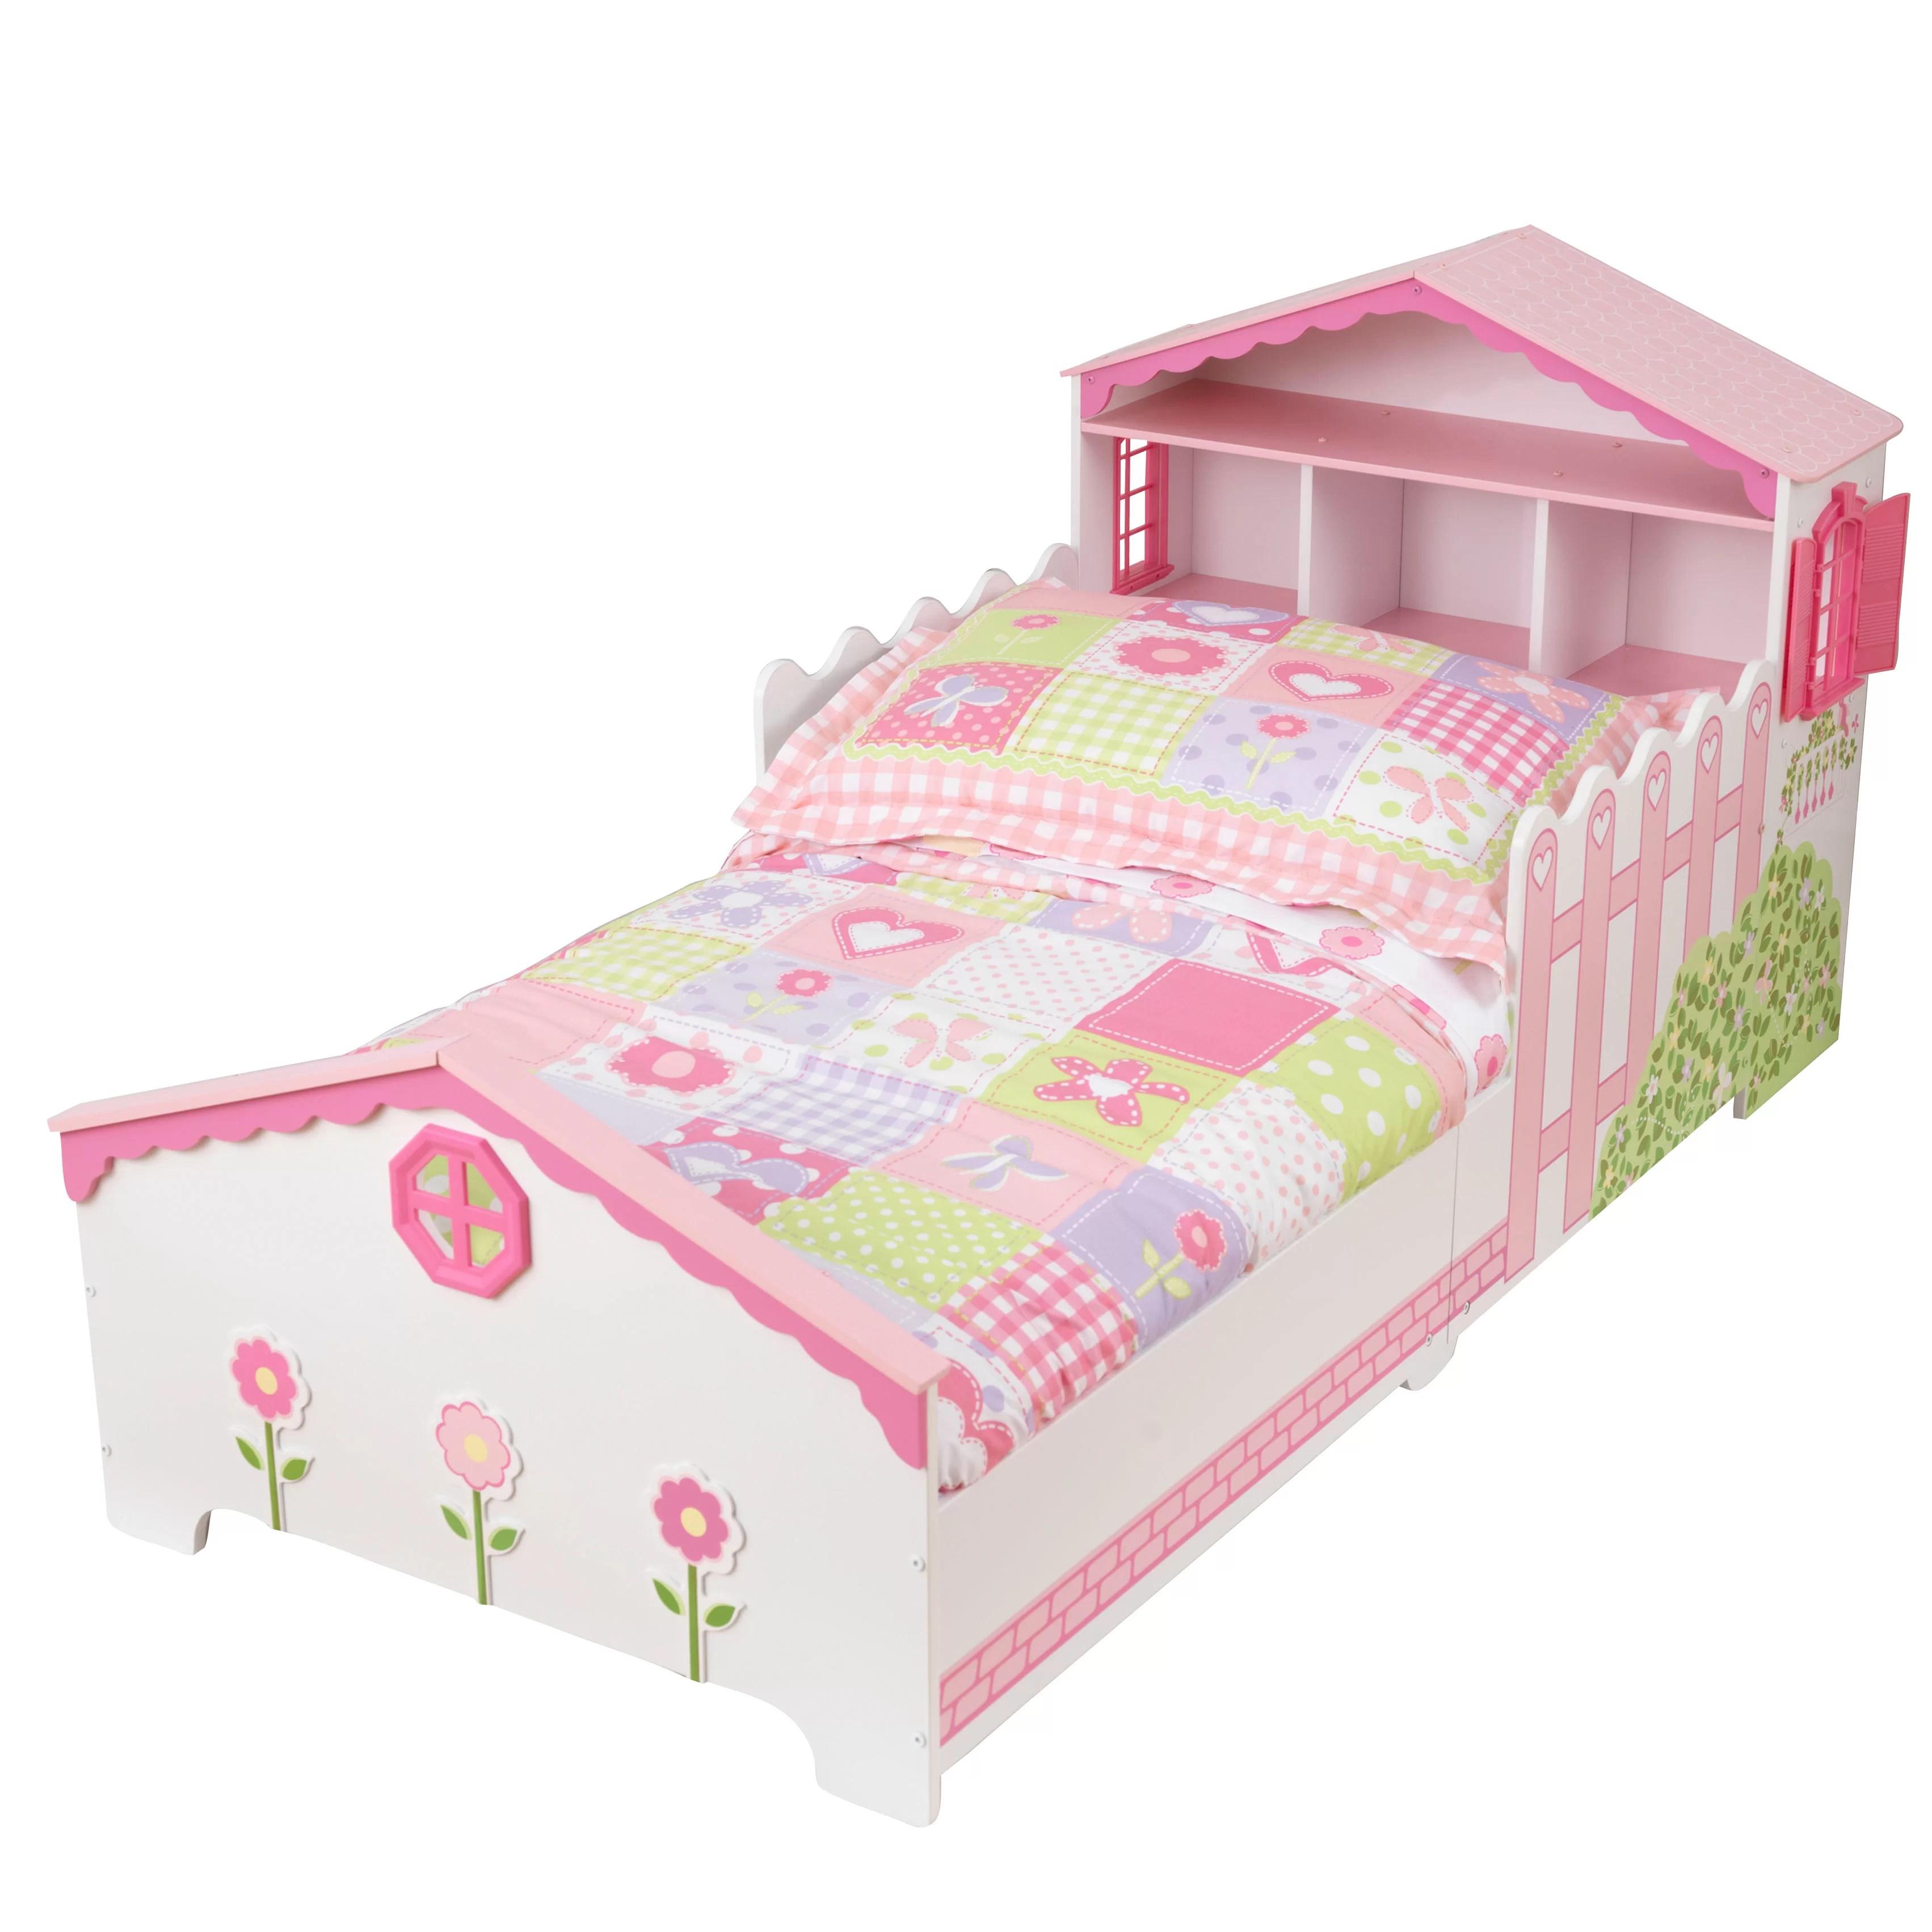 Schöner Wohnen Kinderbetten Schöner Wohnen Esstisch Pur S316 160 X